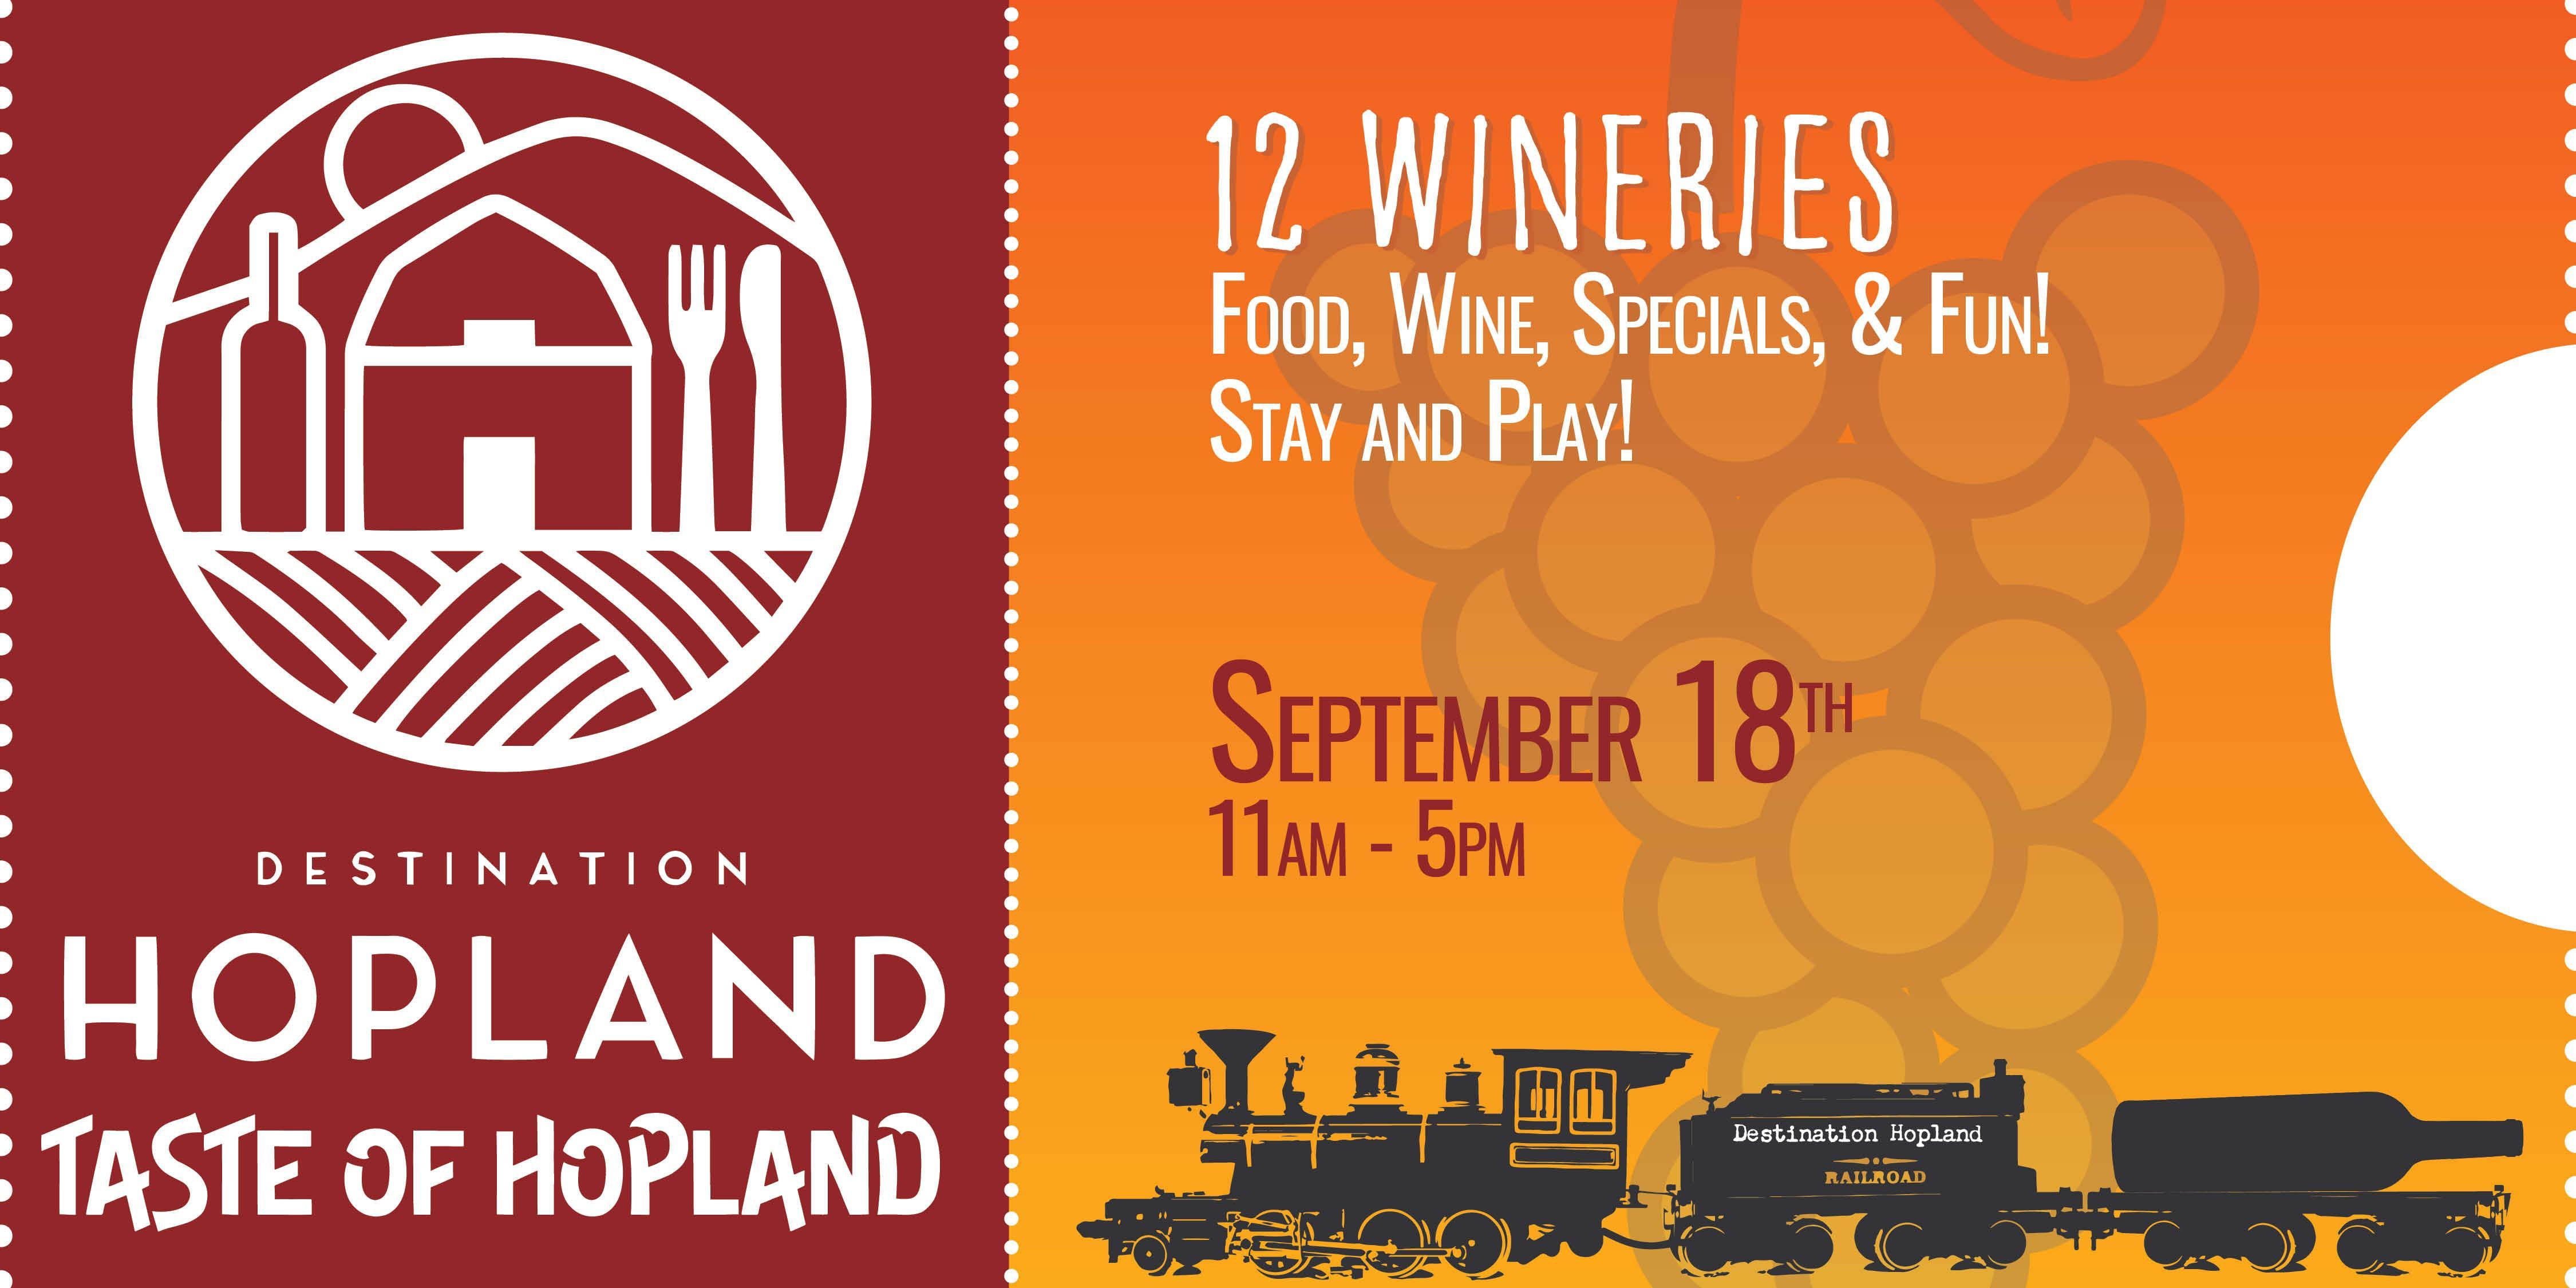 Destination Hopland: Taste of Hopland